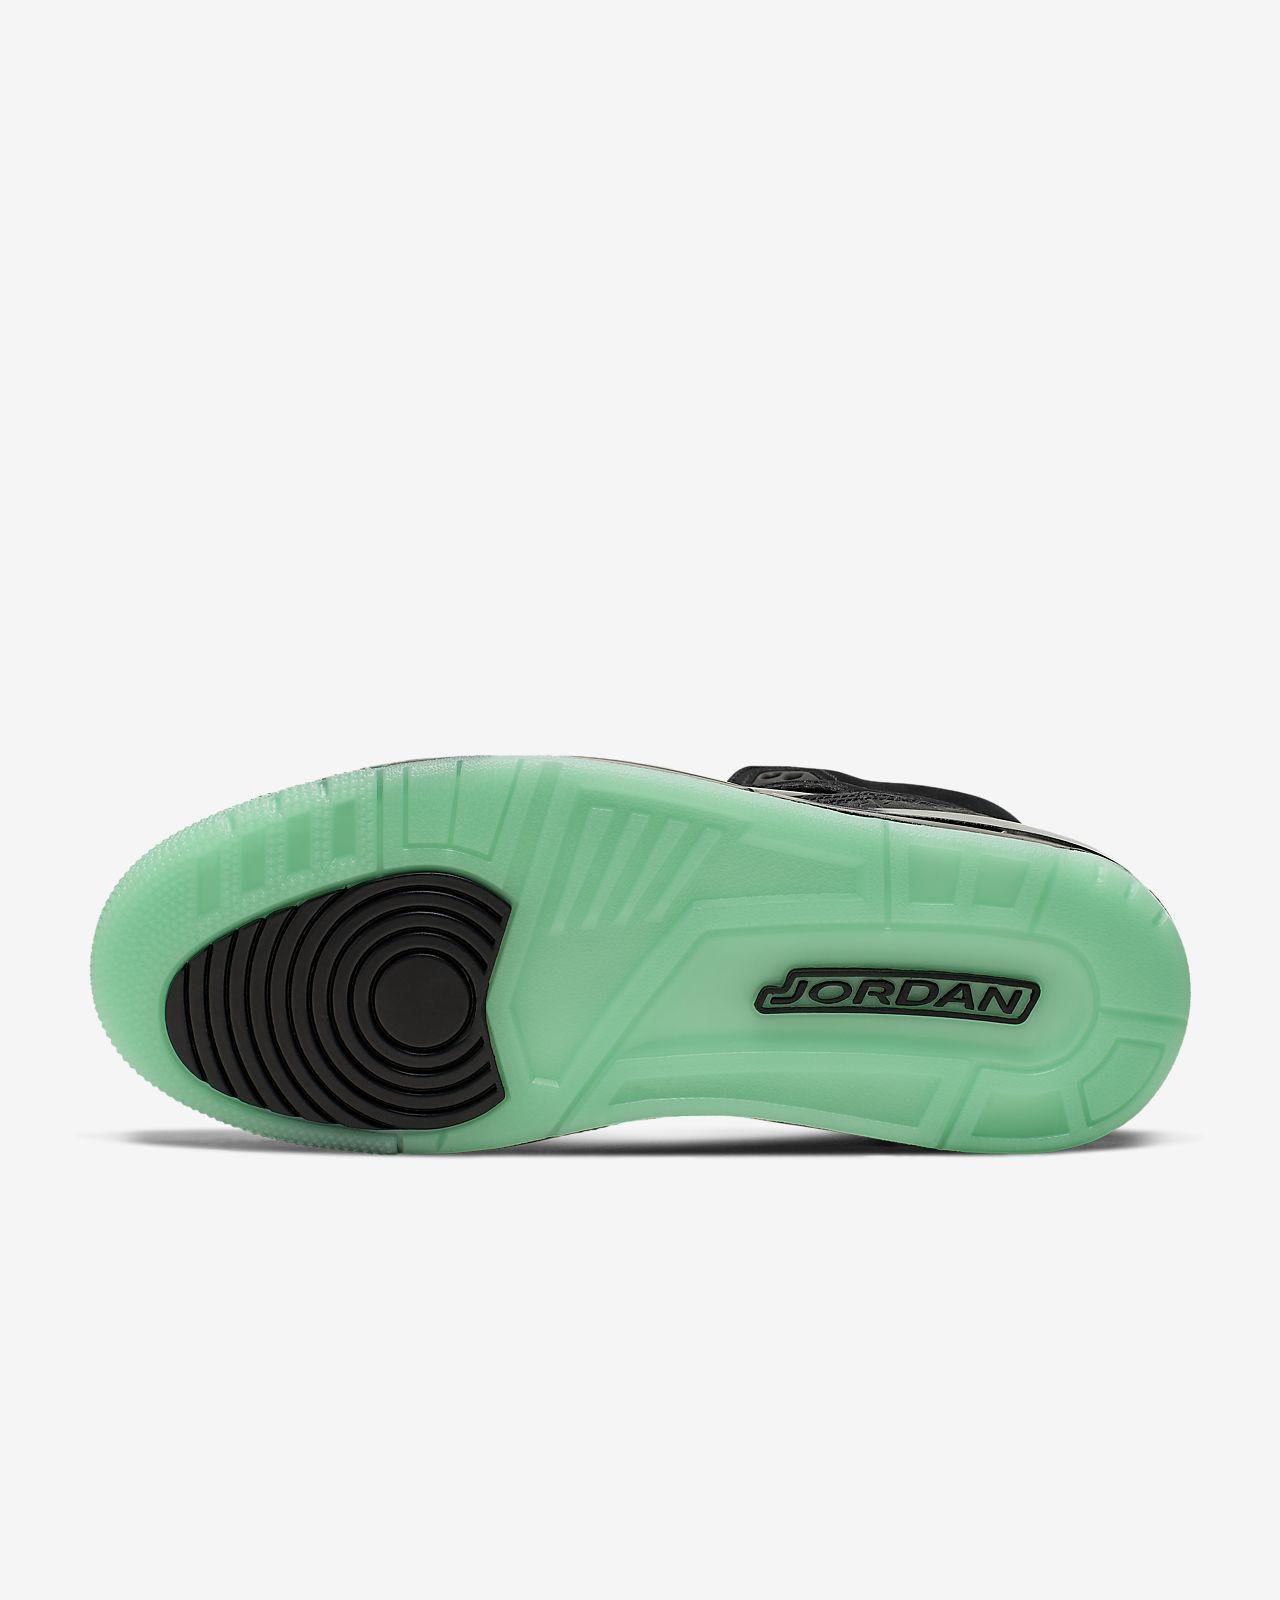 f7563552485 Low Resolution Jordan Spizike Men's Shoe Jordan Spizike Men's Shoe